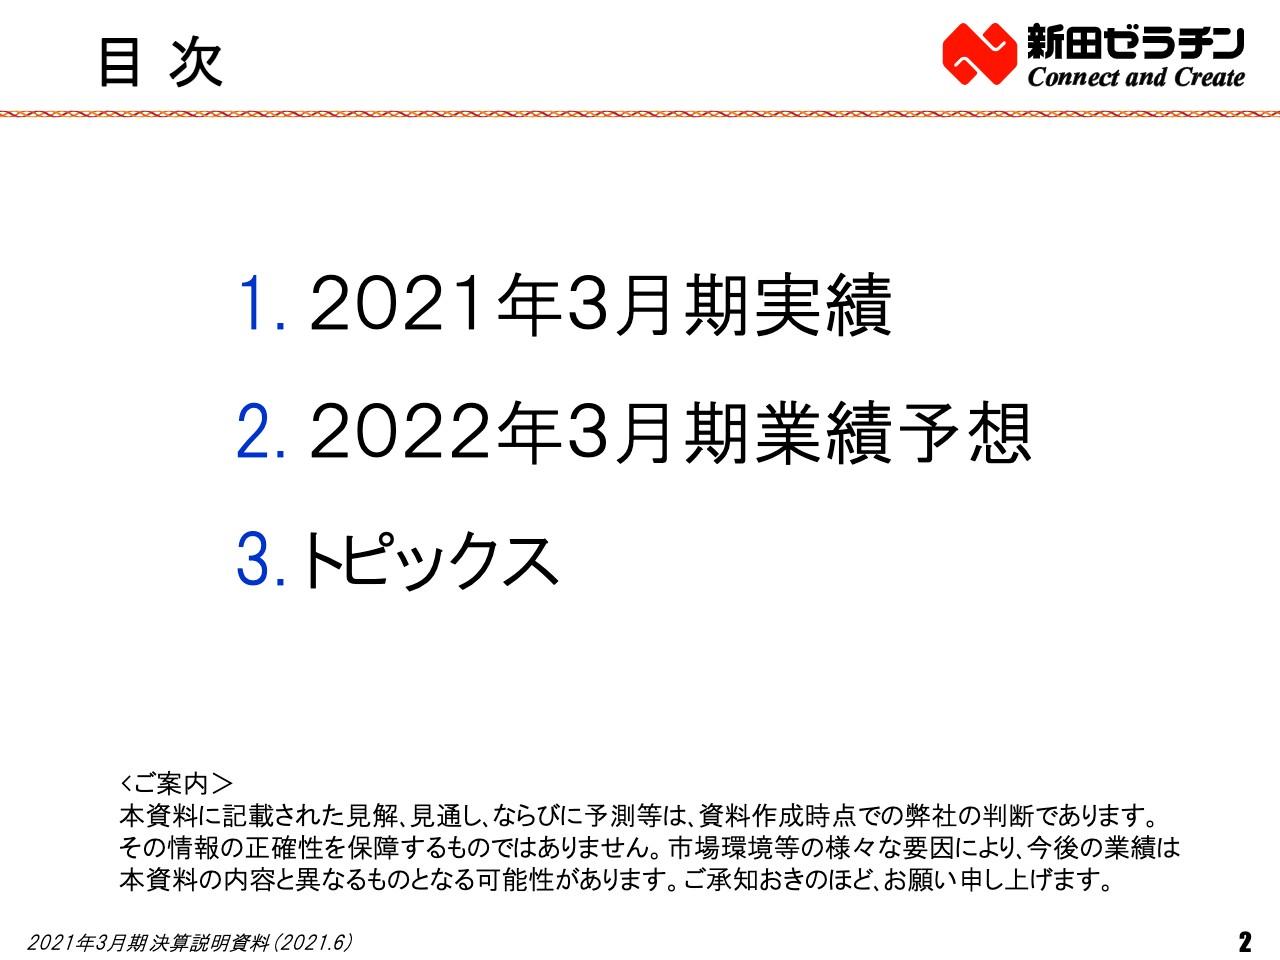 新田ゼラチン、国内売上は減少も海外では堅調に推移 業務用製品の開発や直販事業で事業基盤強化を目指す